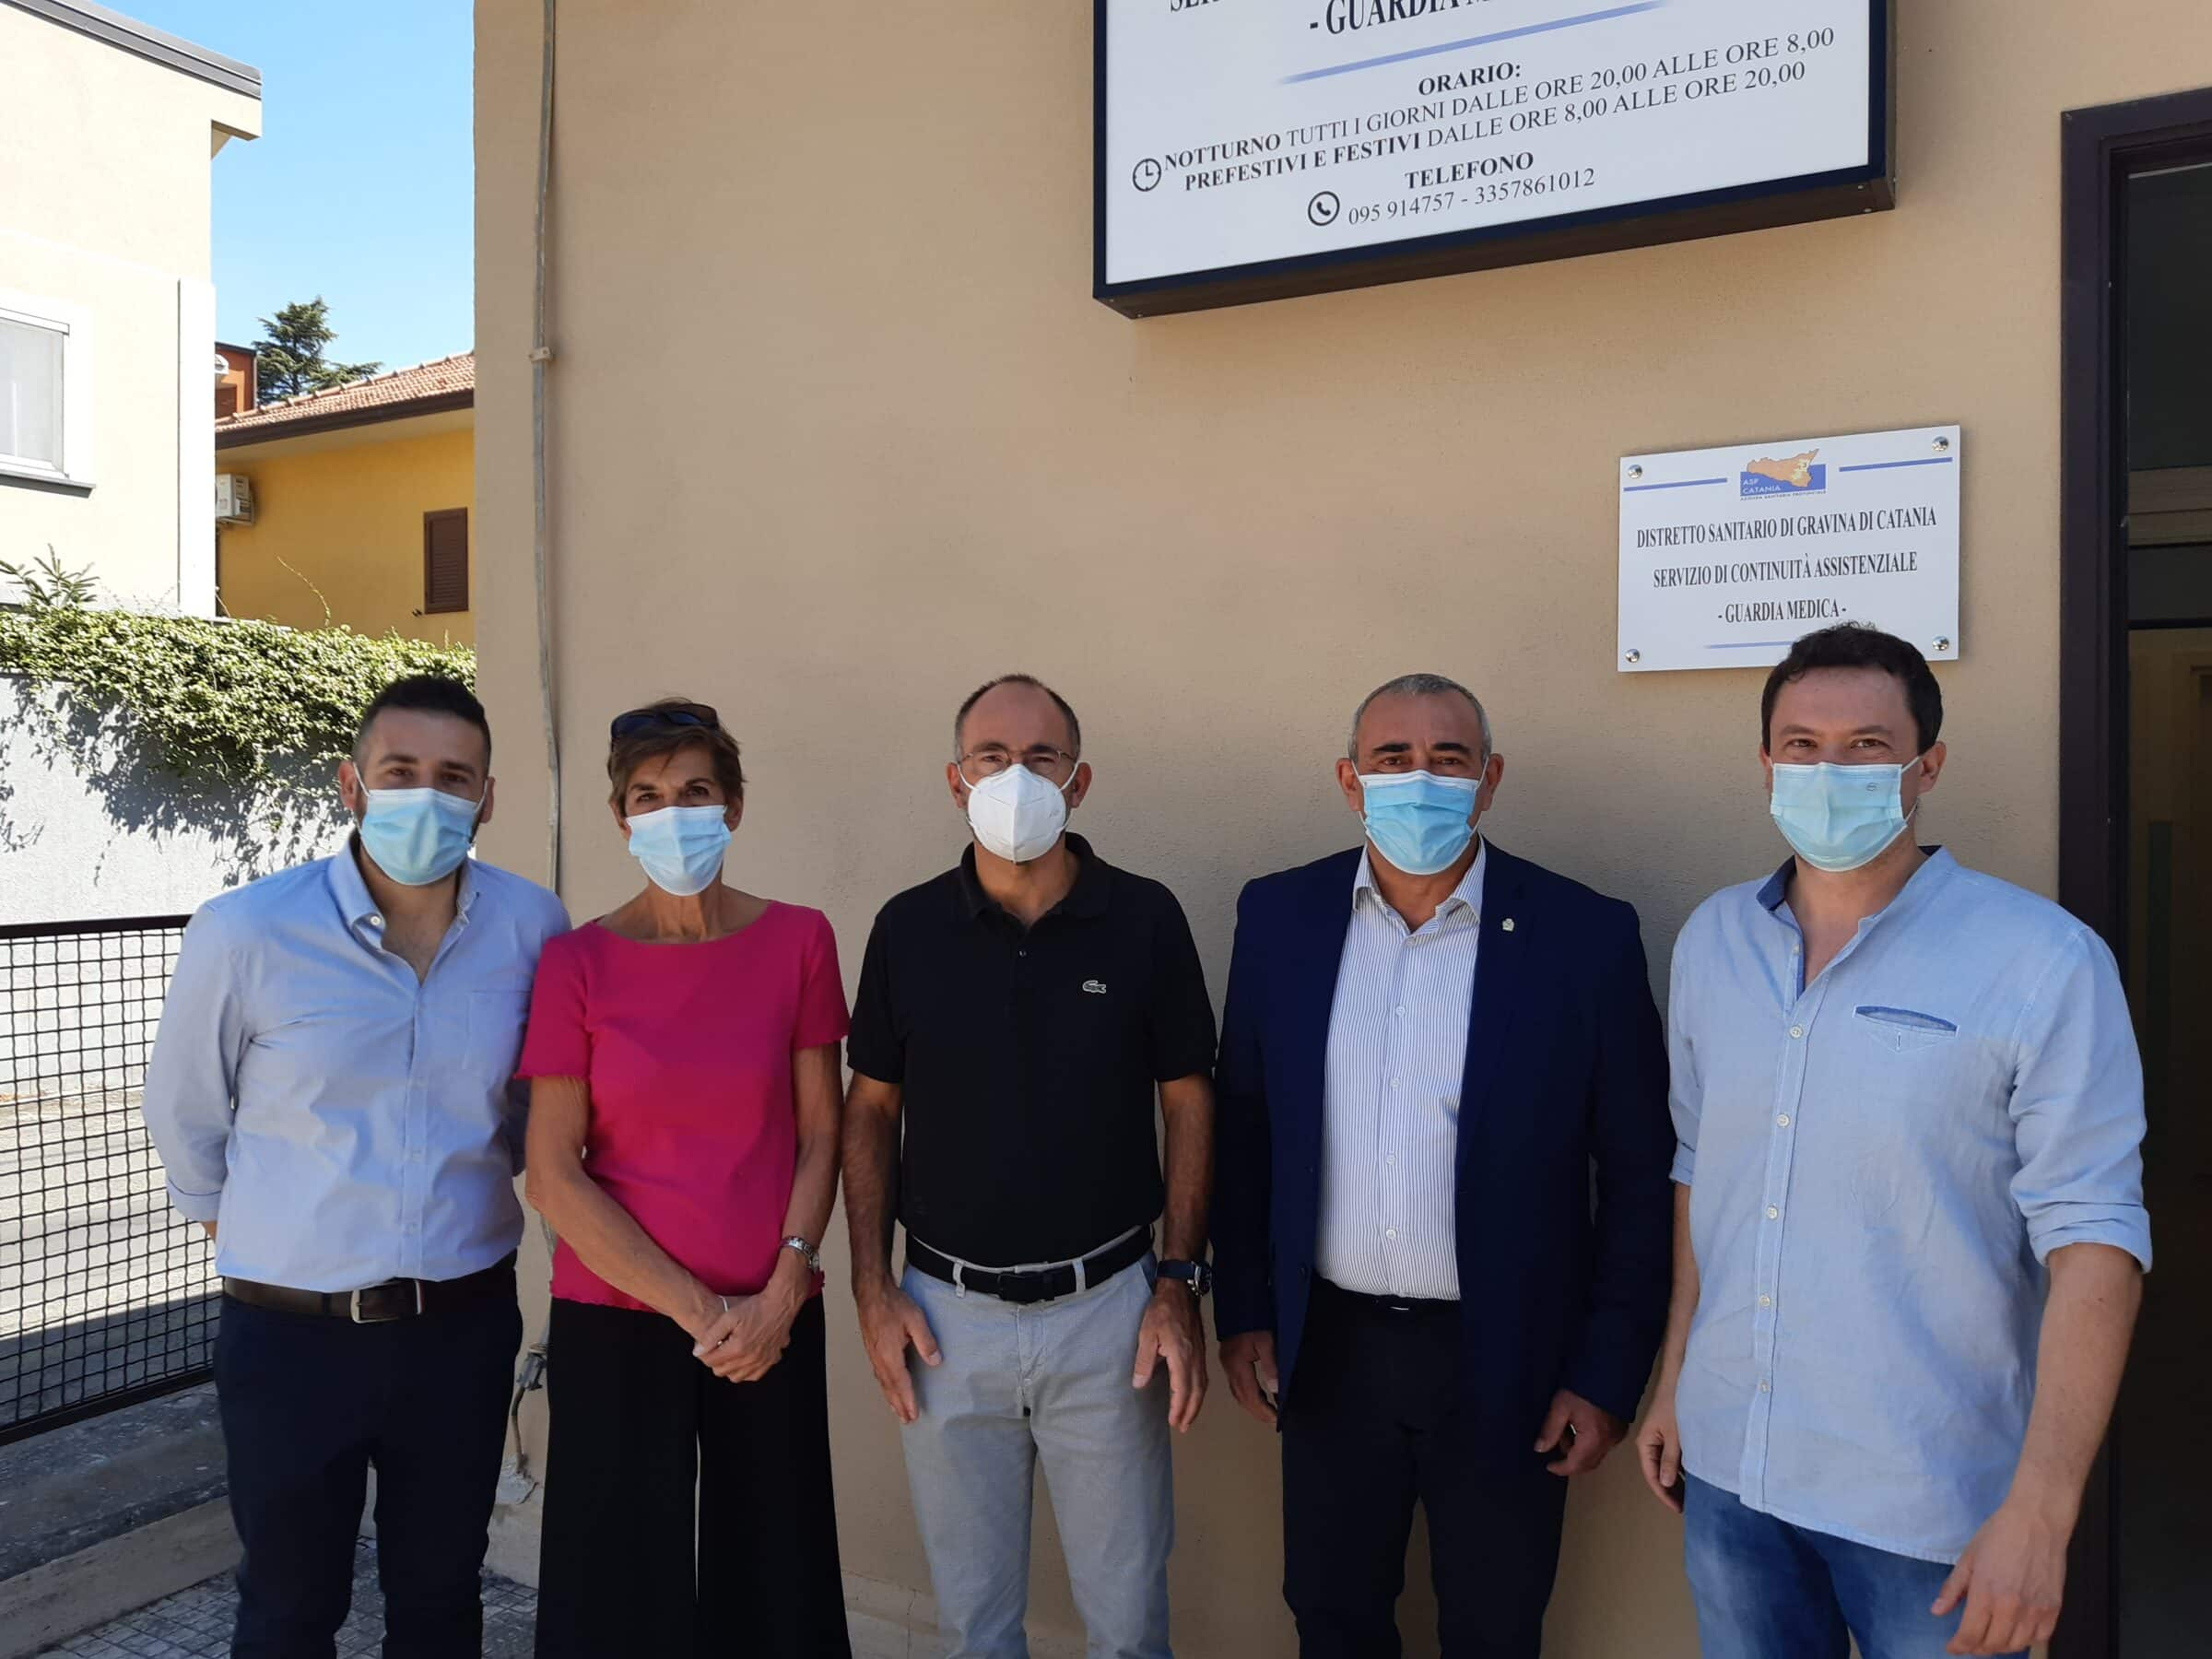 Sanità nel Catanese: da lunedì torna operativa Guardia Medica Nicolosi, da settembre quella di Zafferana Etnea